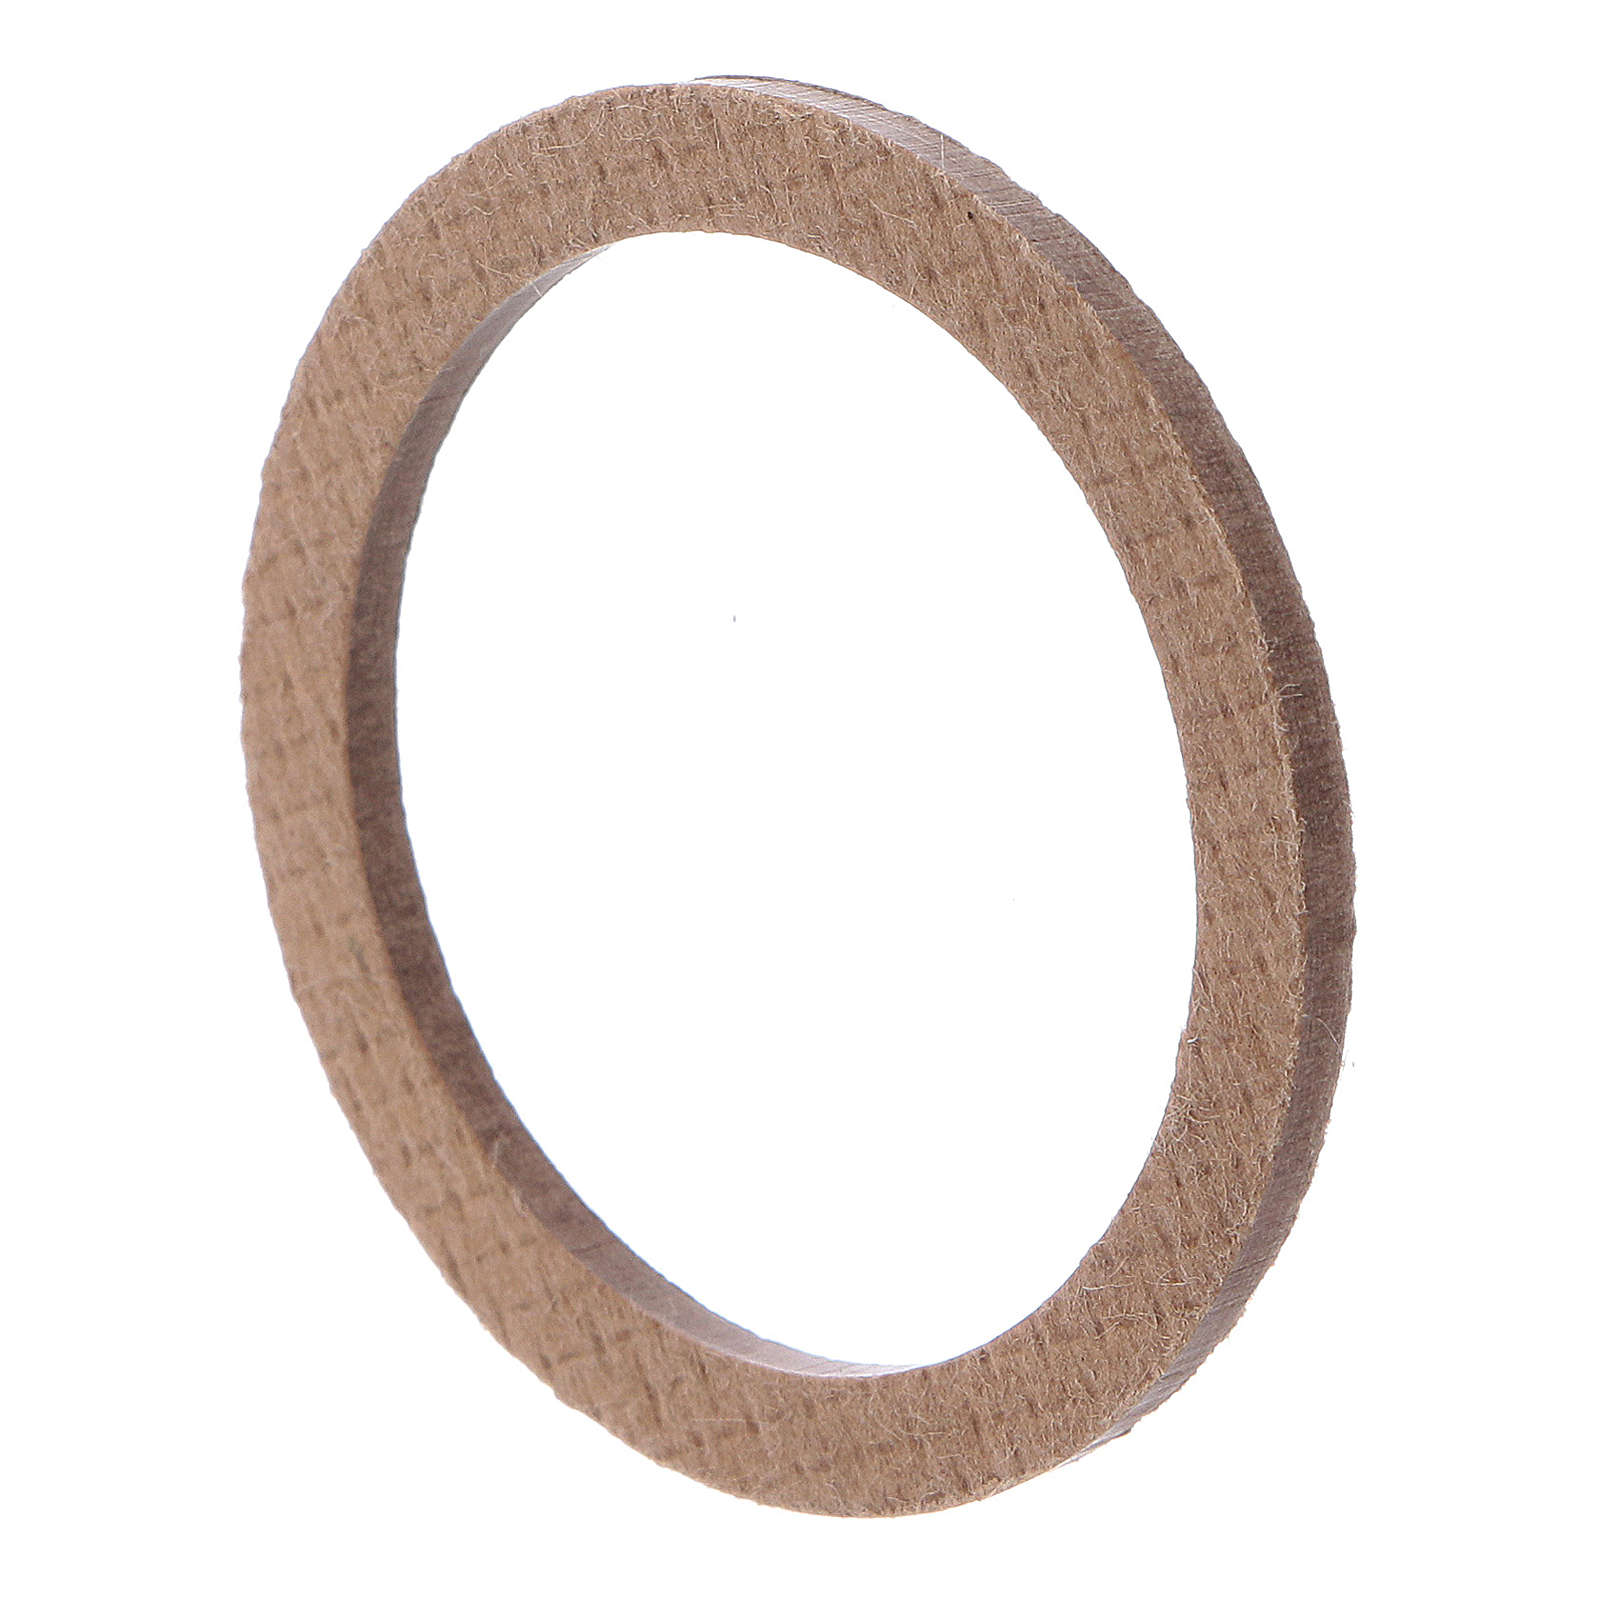 Joint isolant diam. 4 cm pour PC004006-PC004008 3